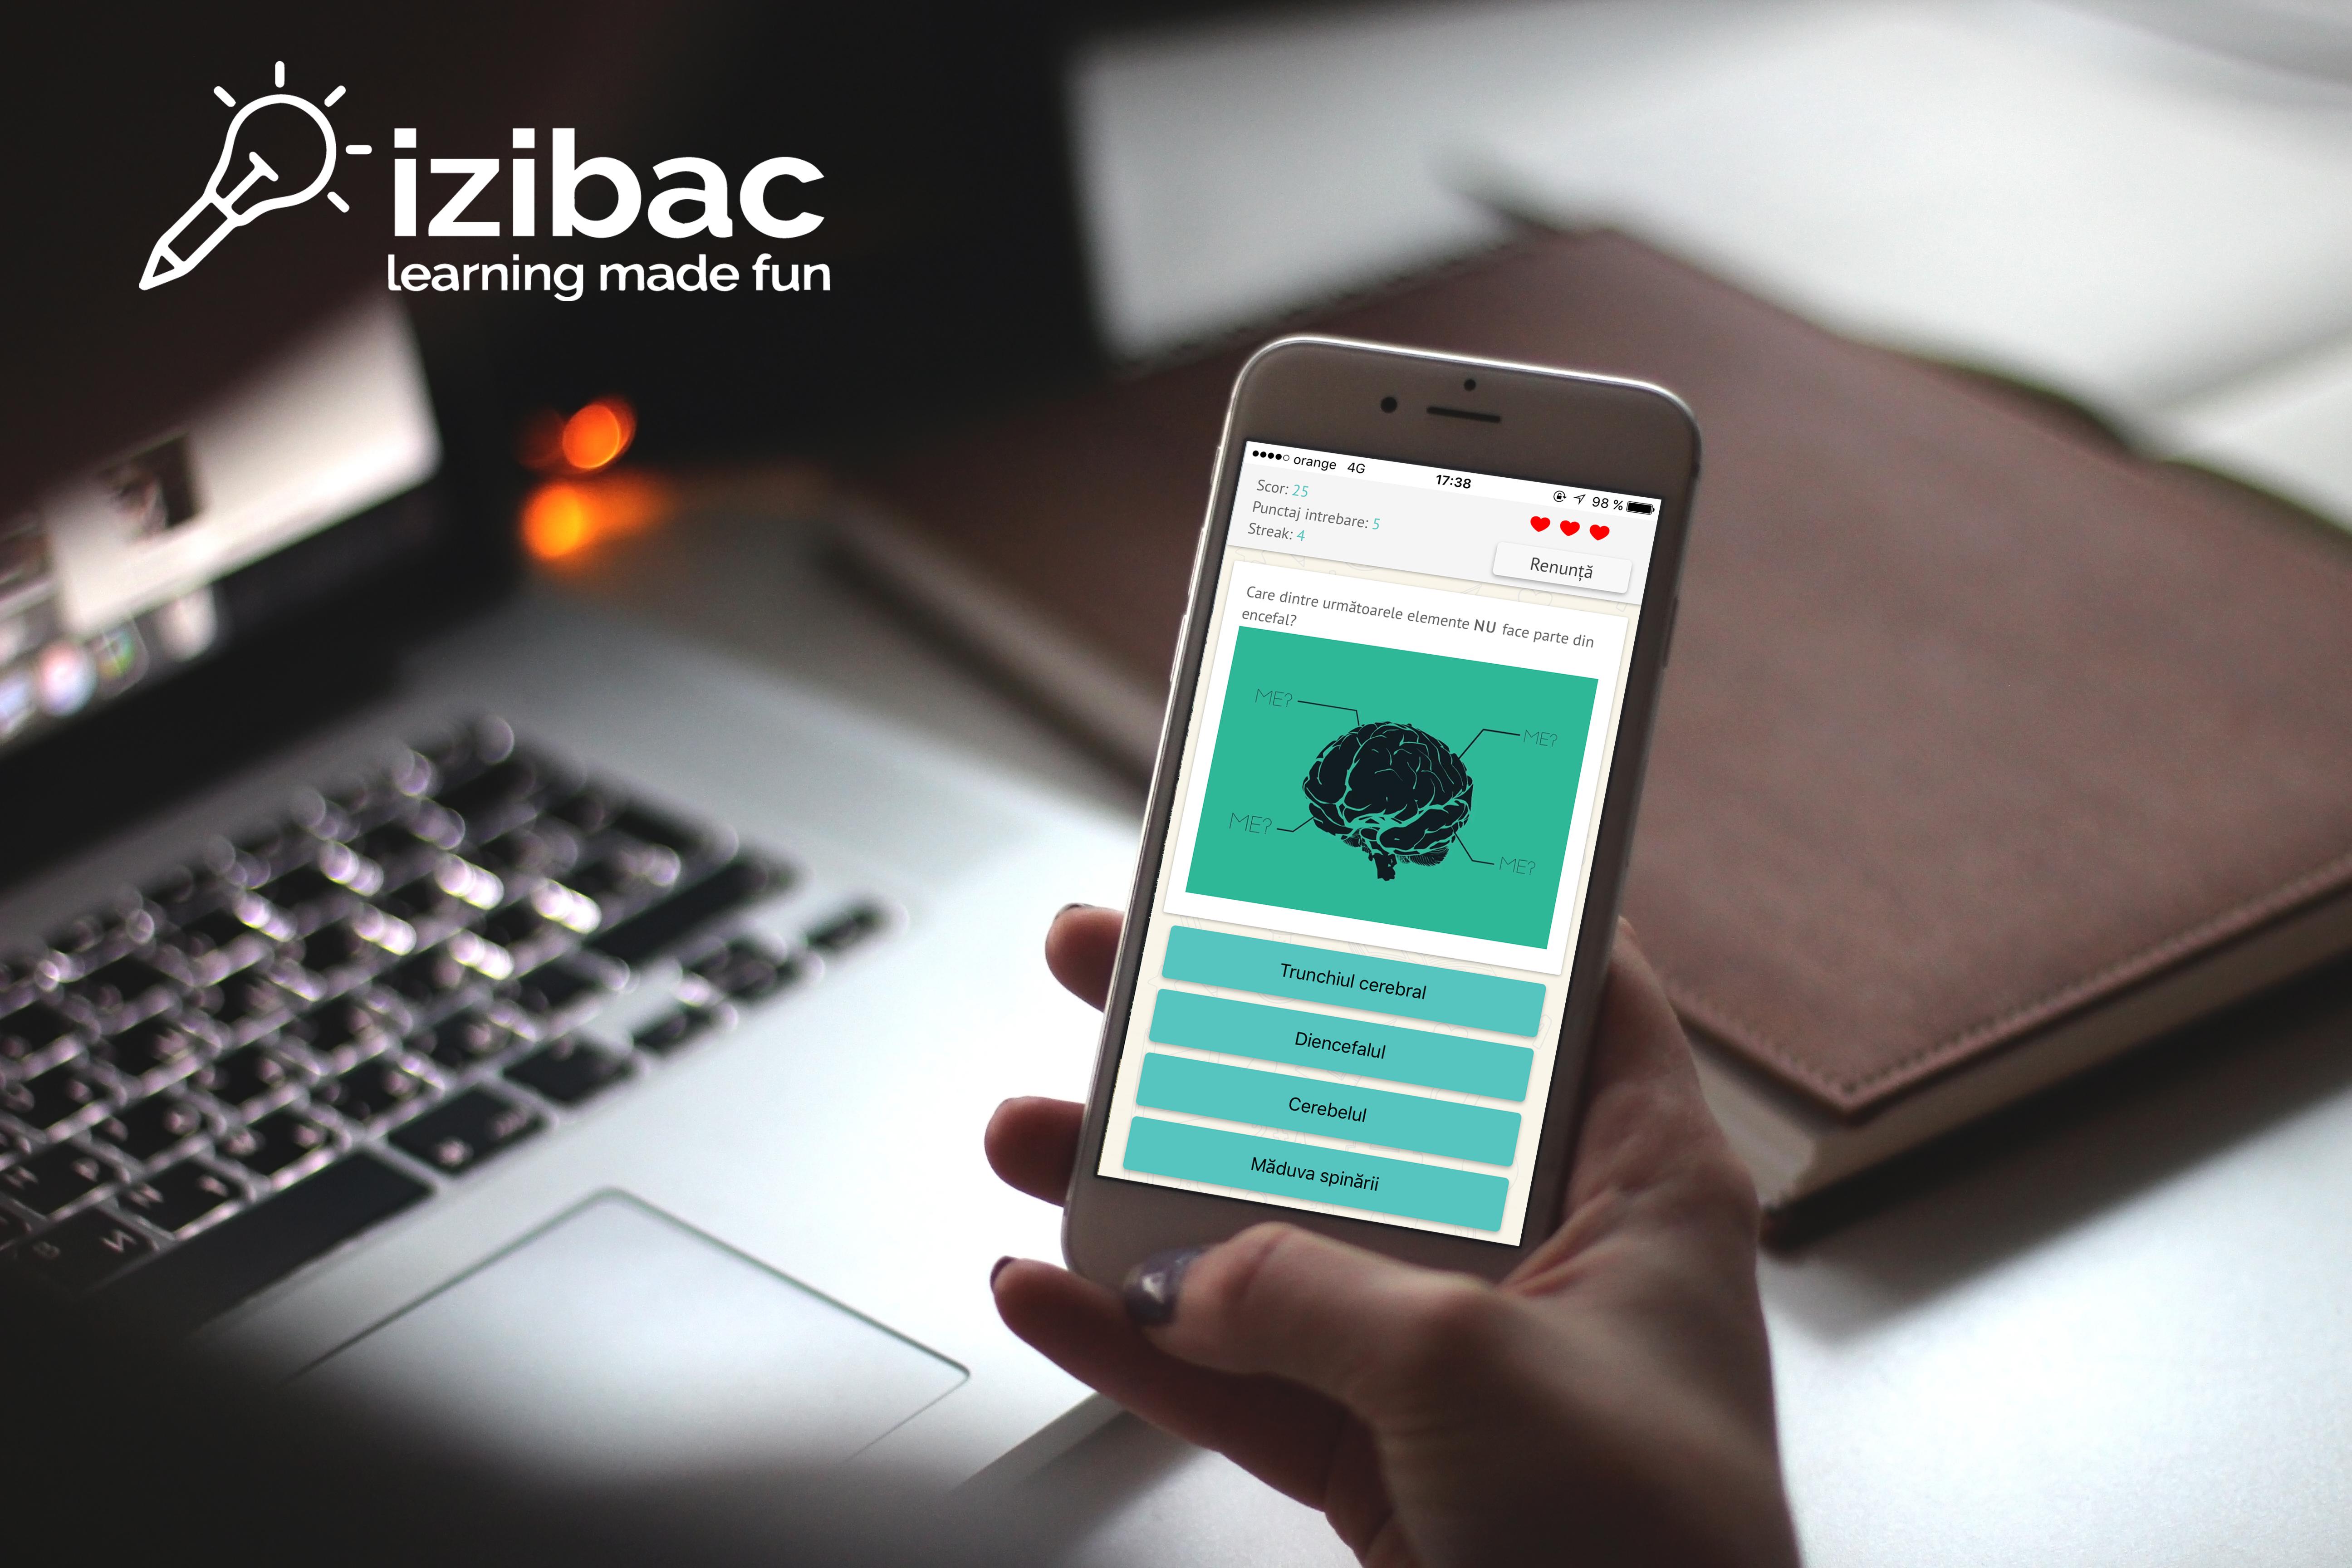 IziBac - Redăm plăcerea învățatului